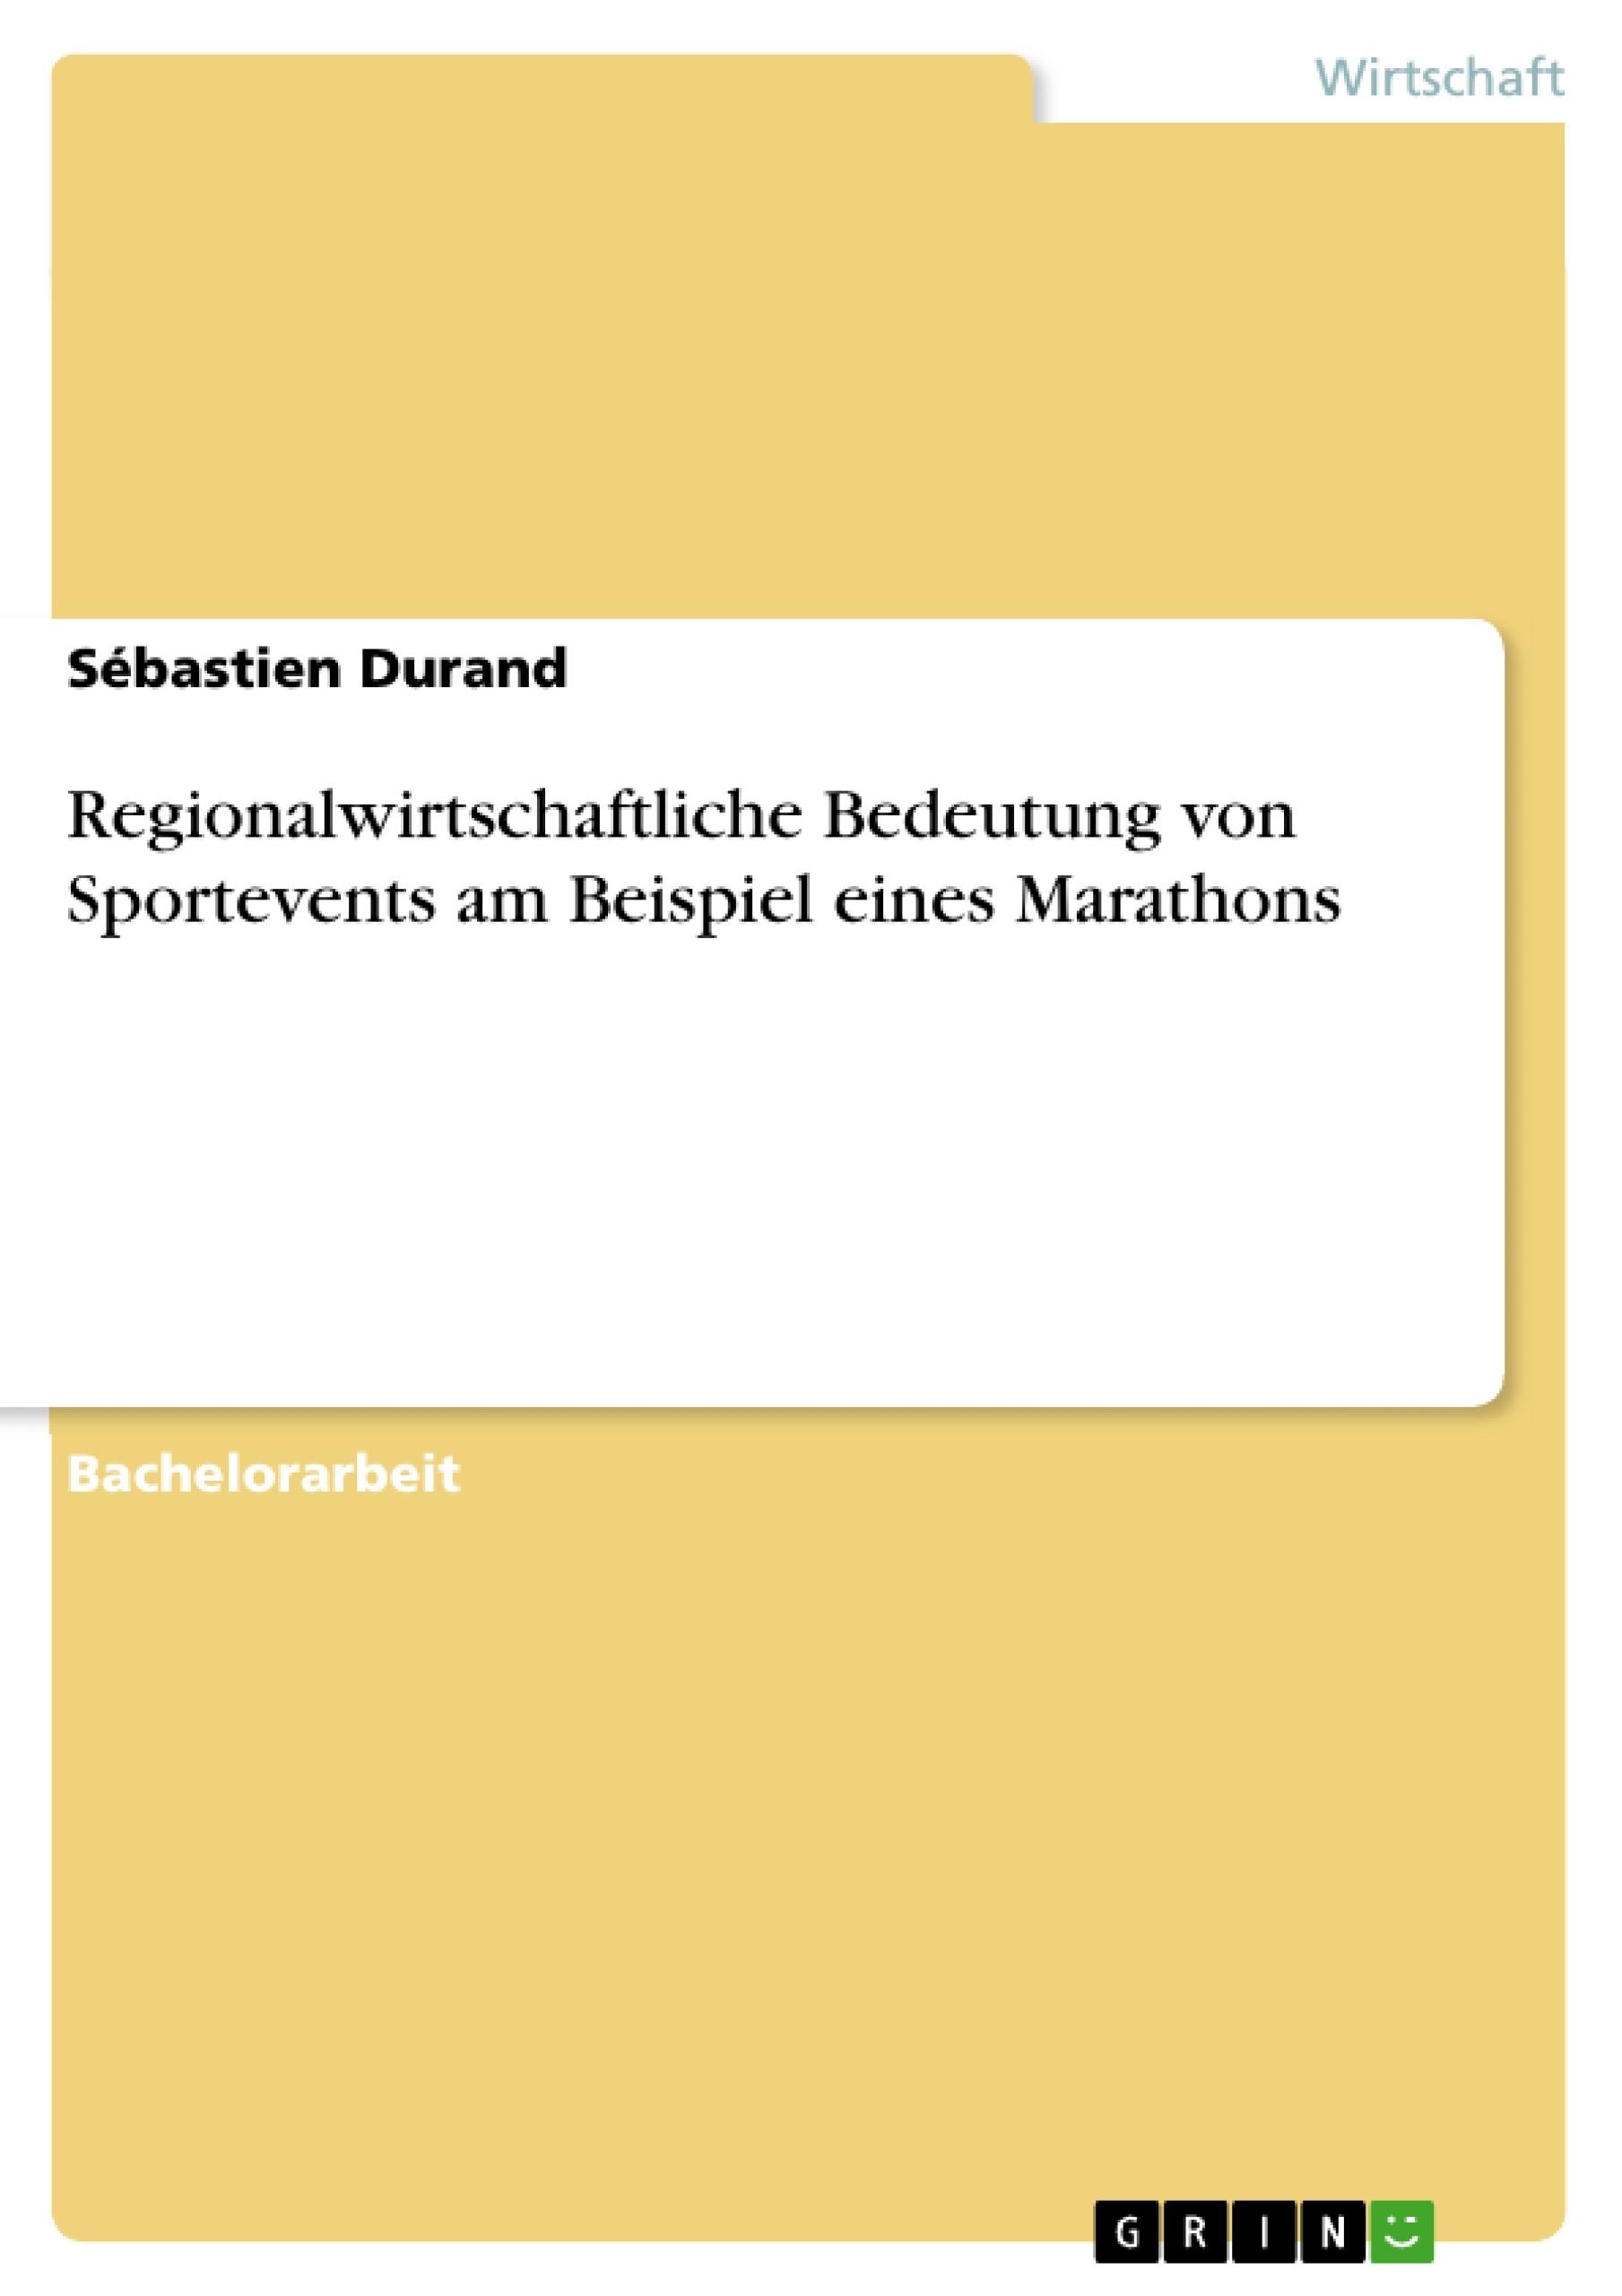 Titel: Regionalwirtschaftliche Bedeutung von Sportevents am Beispiel eines Marathons